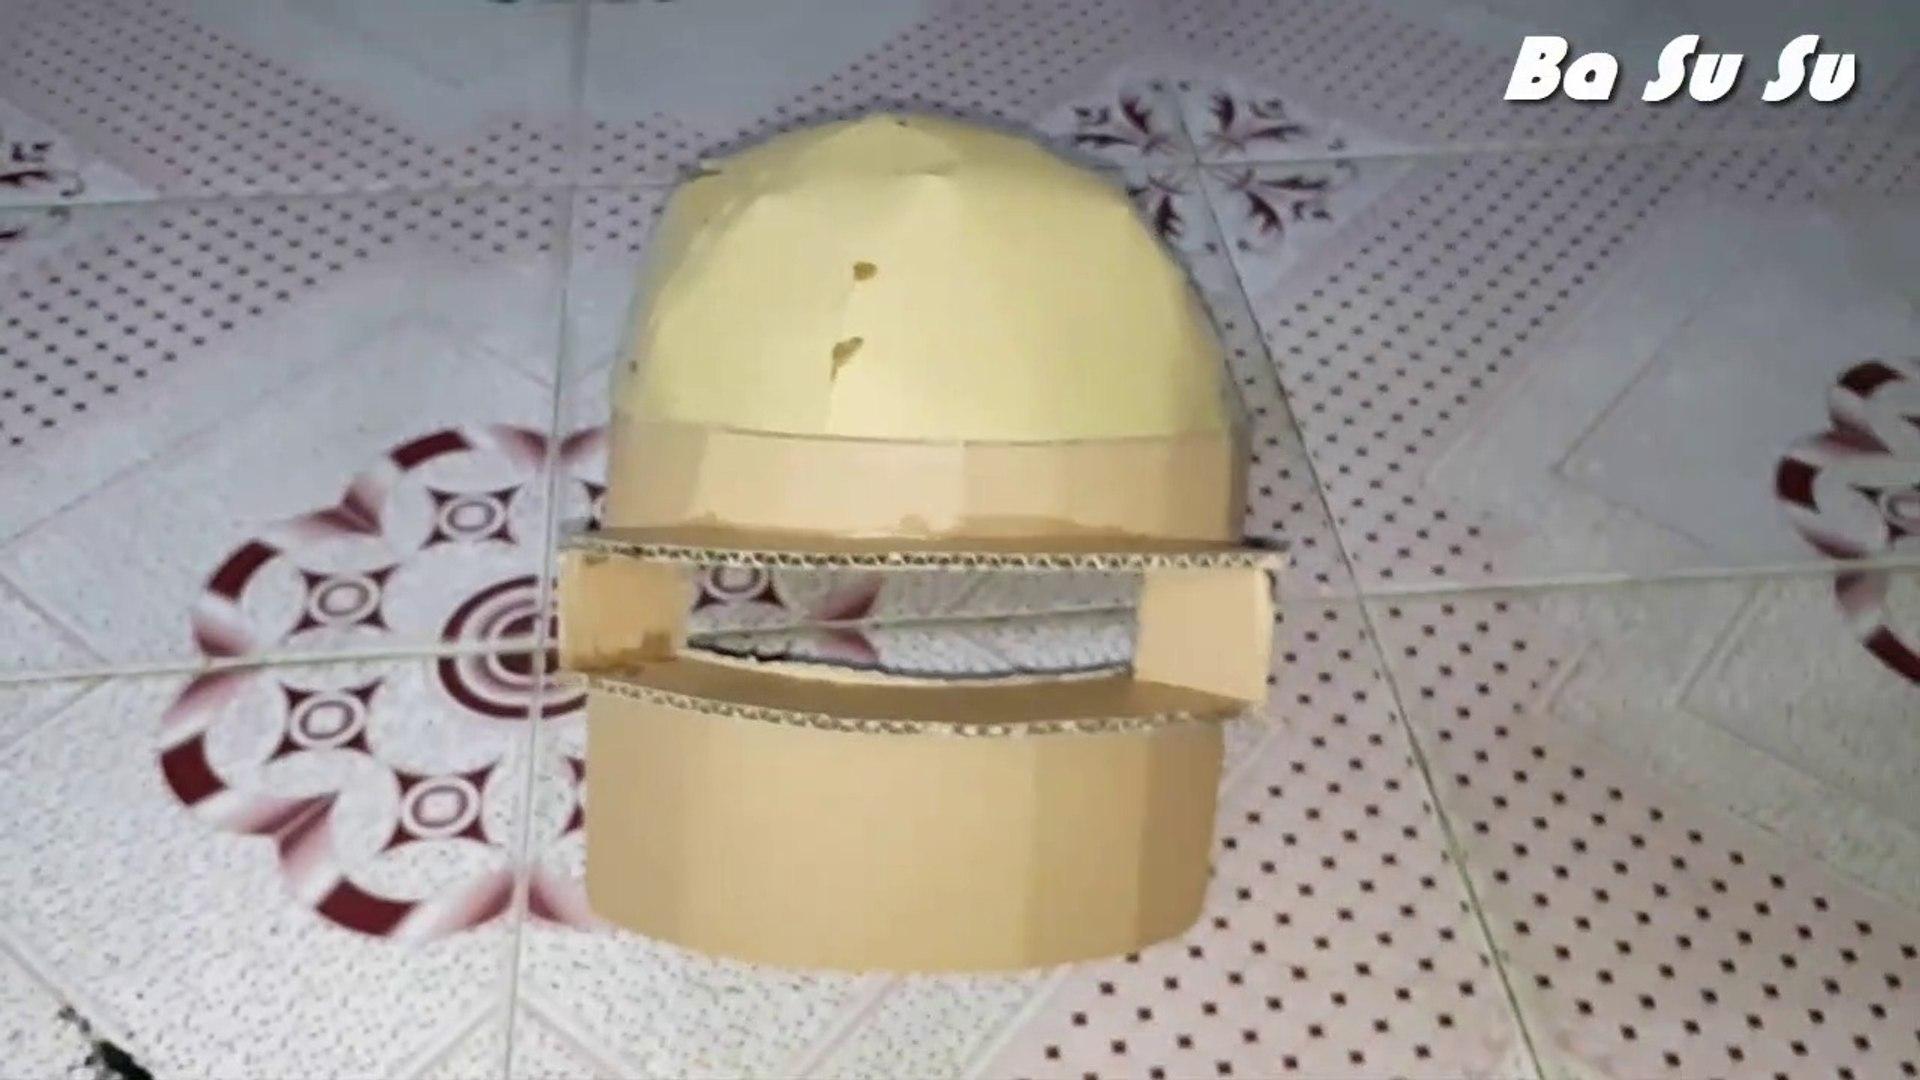 Hướng dẫn làm mũ 3 Pubg bằng giấy cực cute | helmet 3 pubg | Ba Su Su